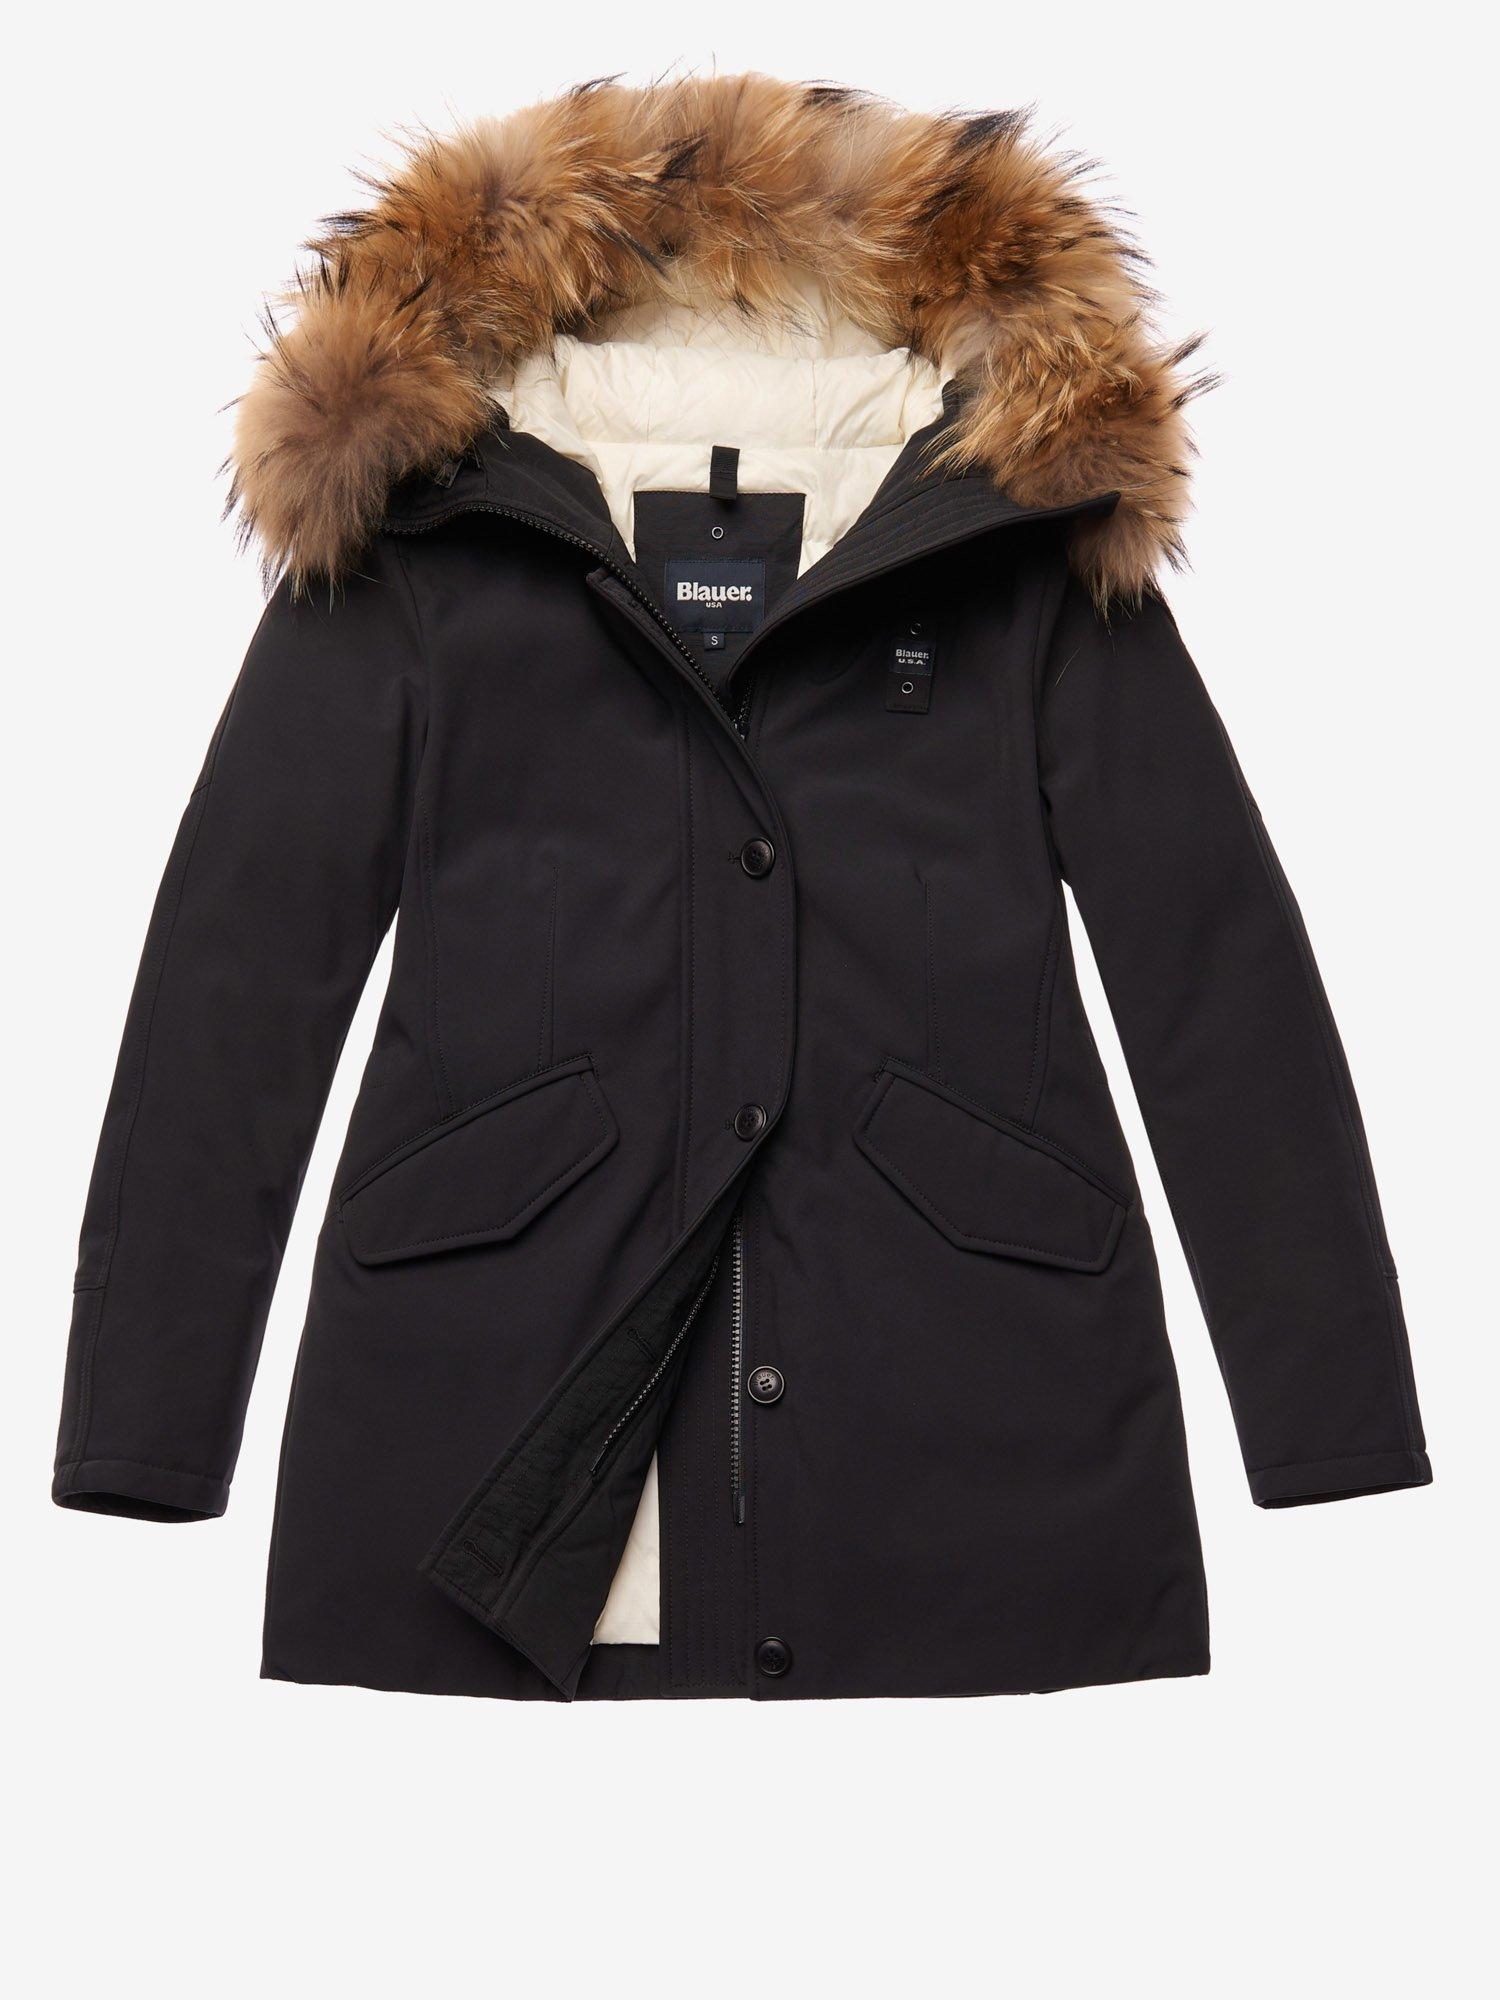 Parka nero Blauer donna collezione inverno 2020 prezzo 463 euro